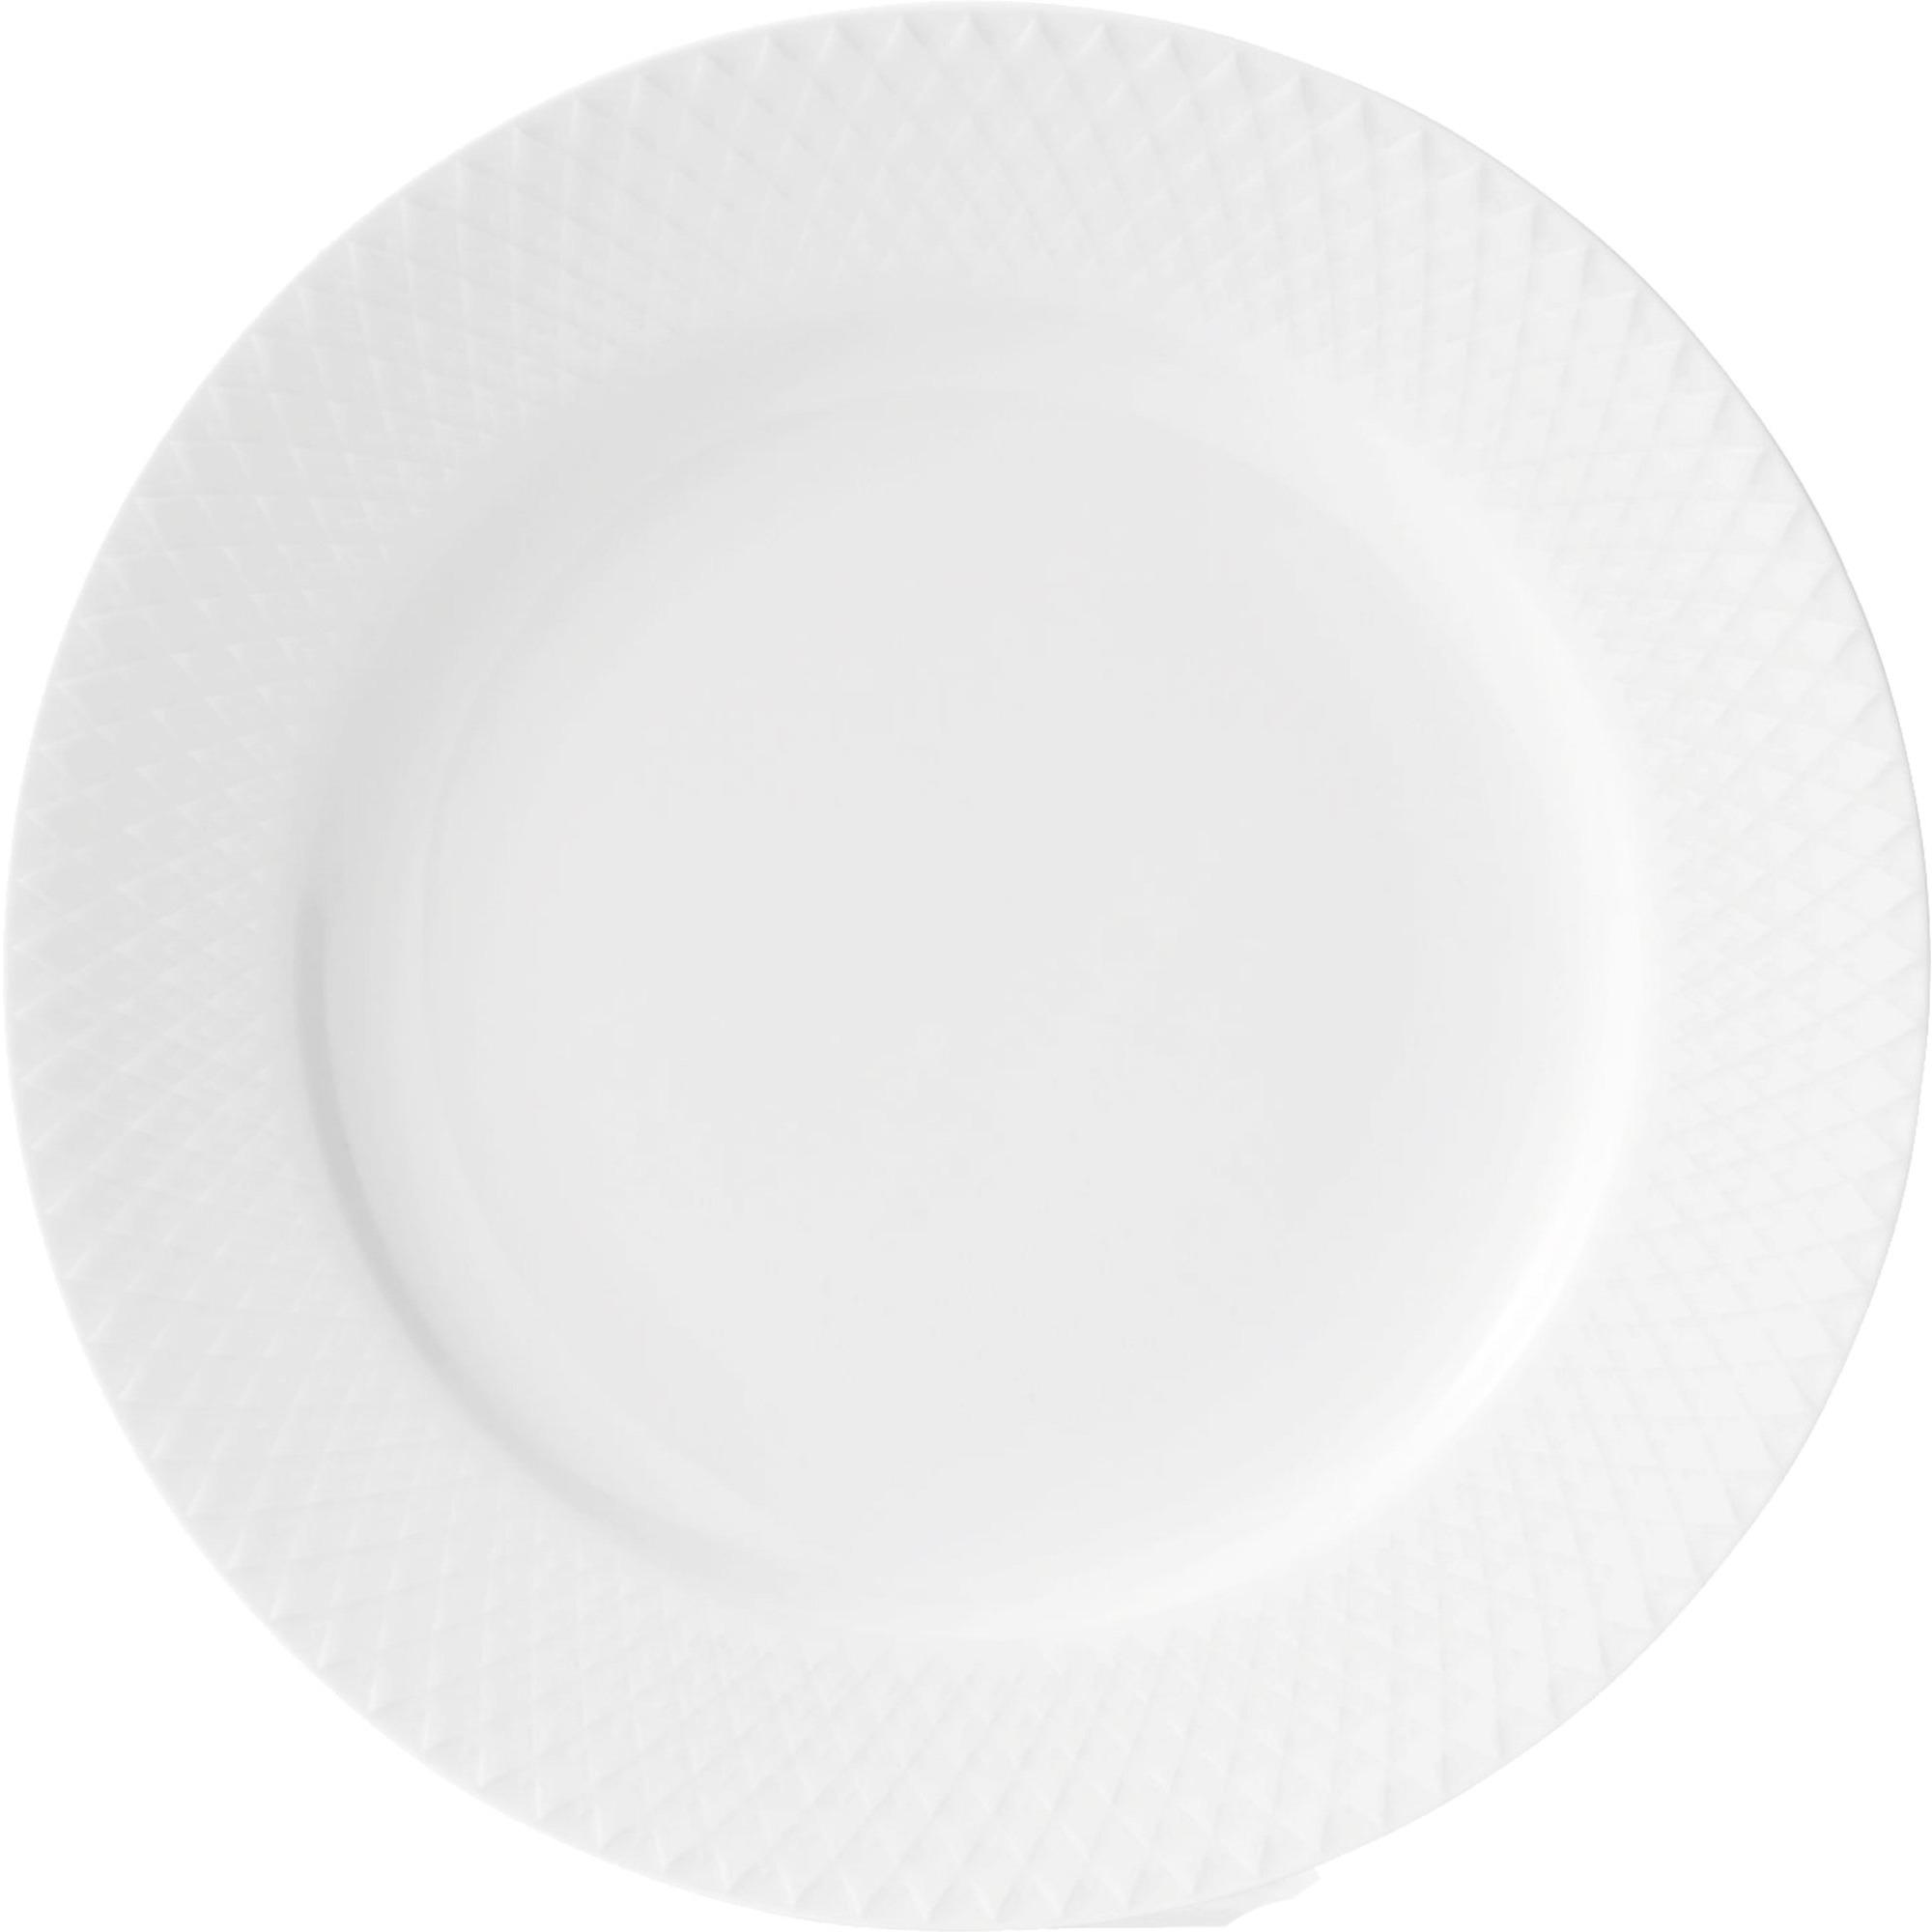 Lyngby Porcelæn Rhombe Tallrik 21 cm Vit